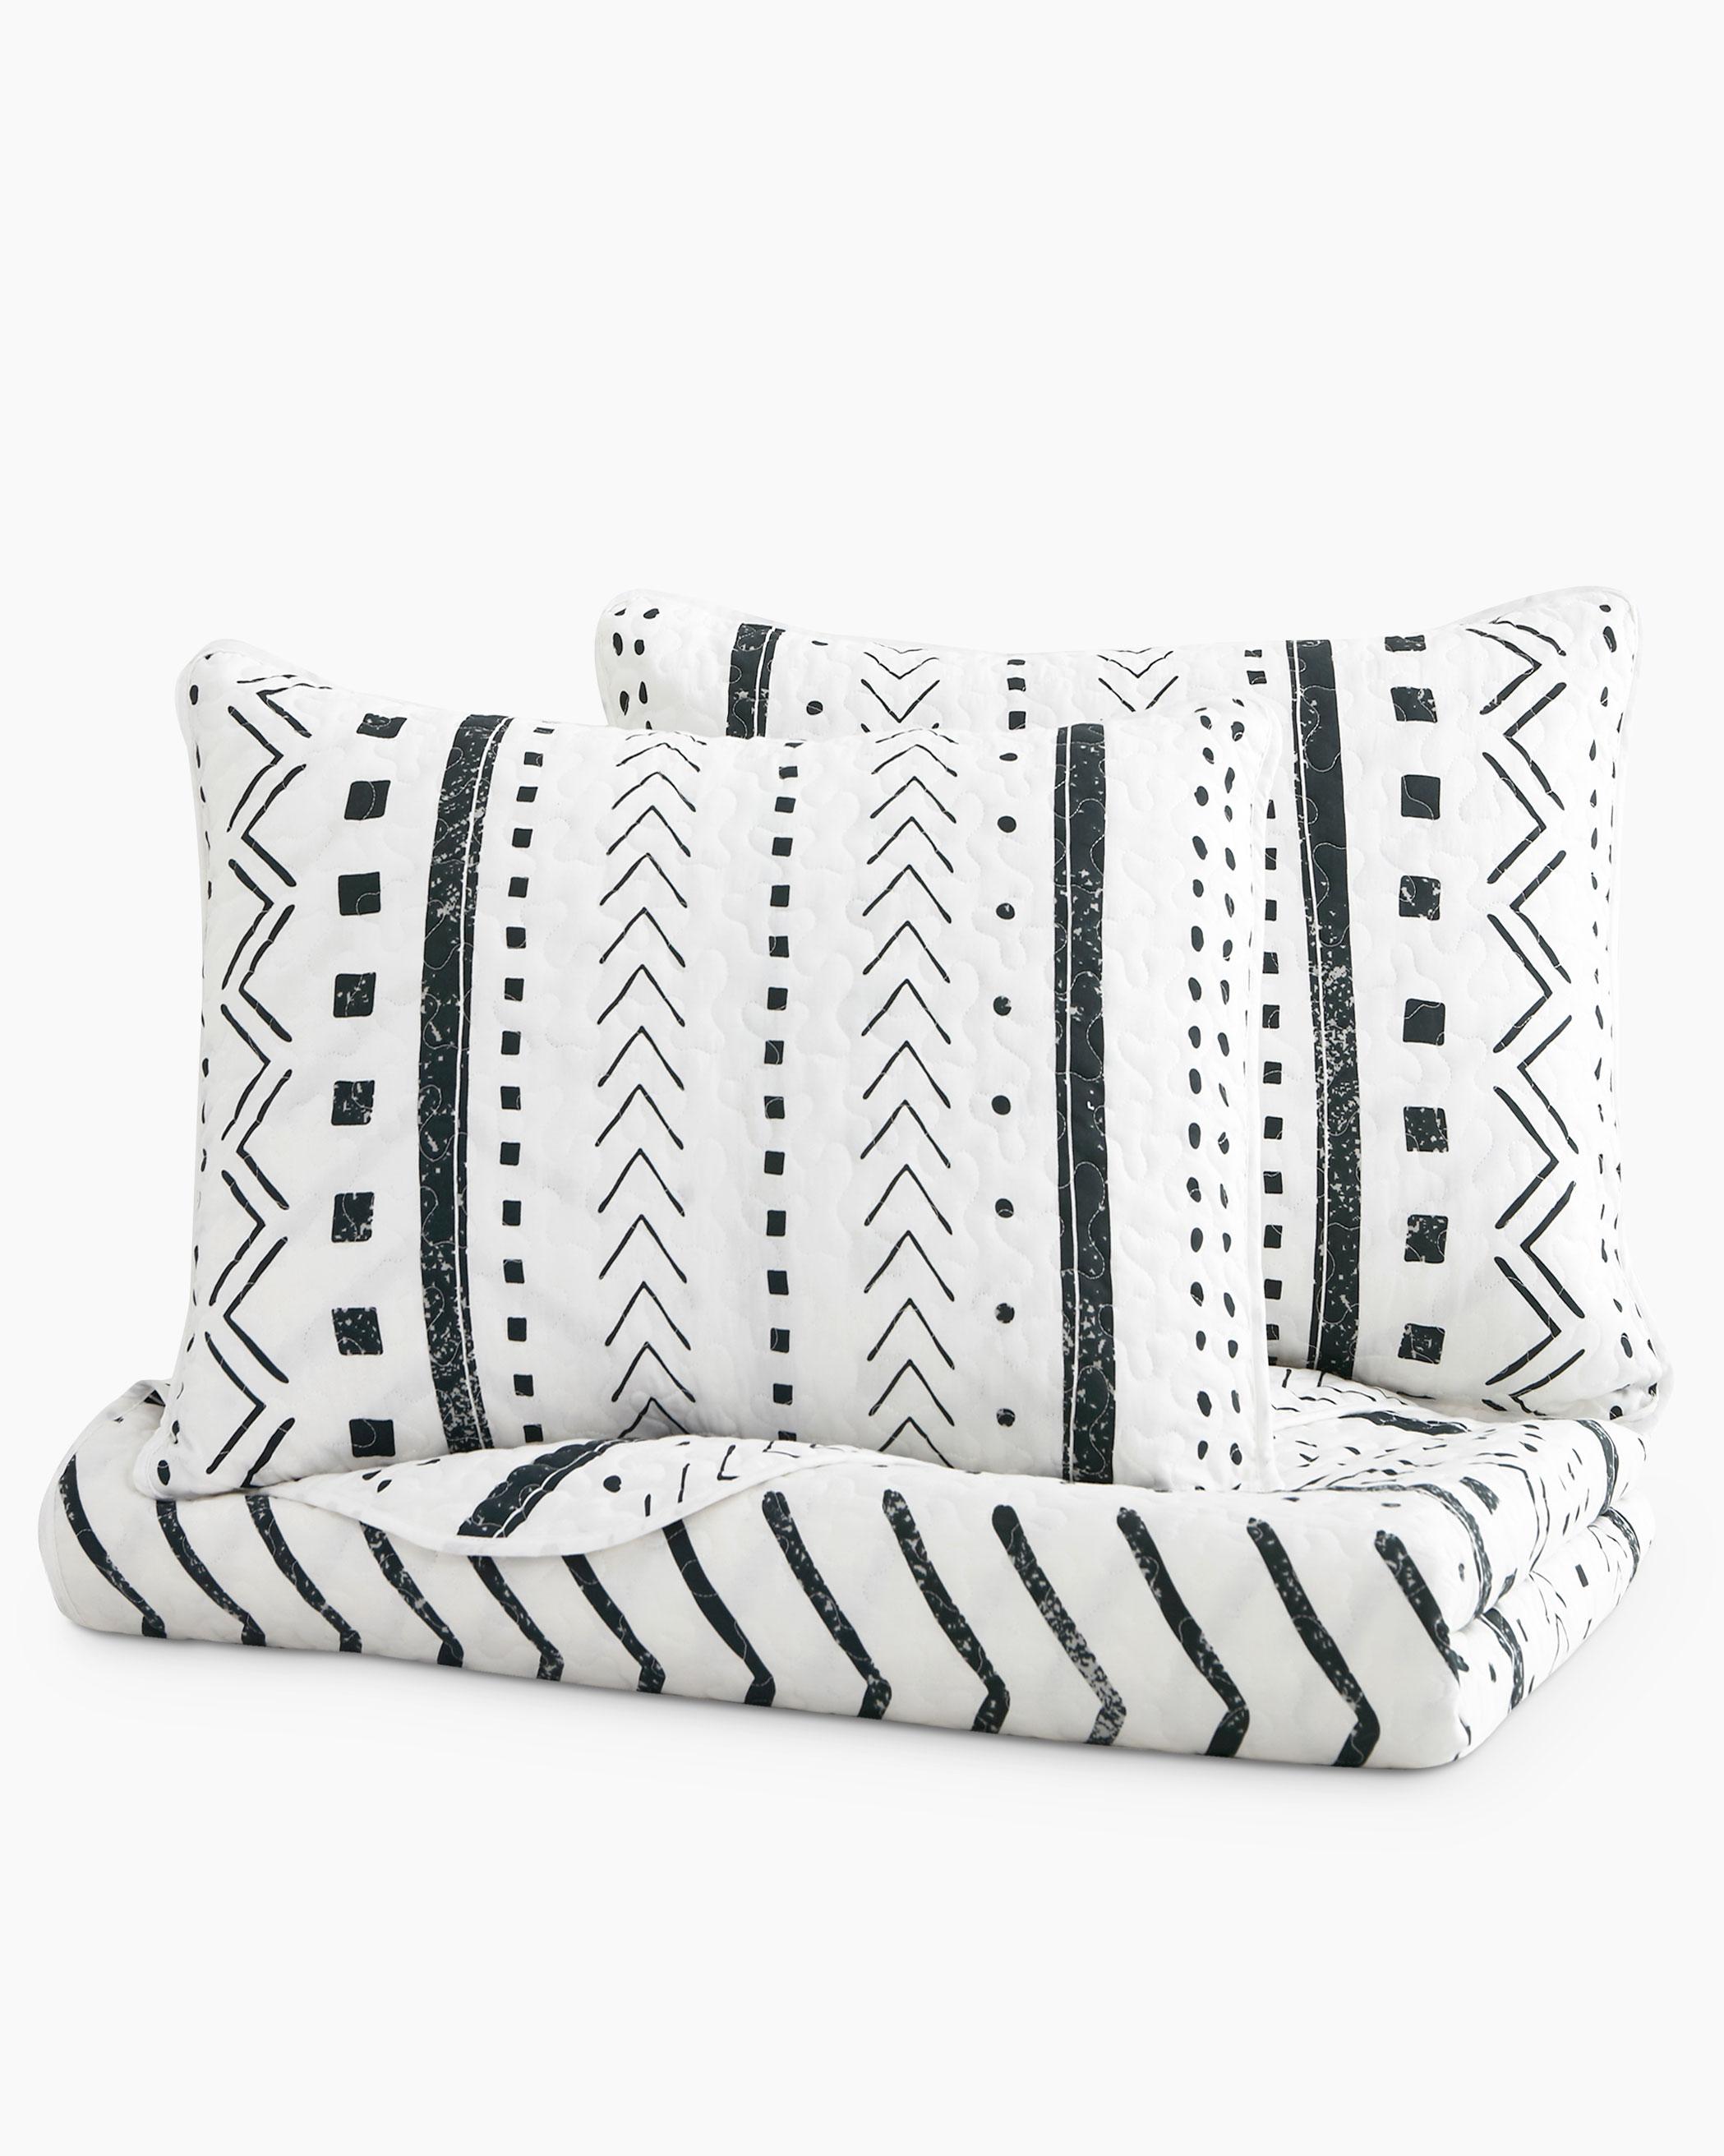 Aztec Cotton Quilt Set